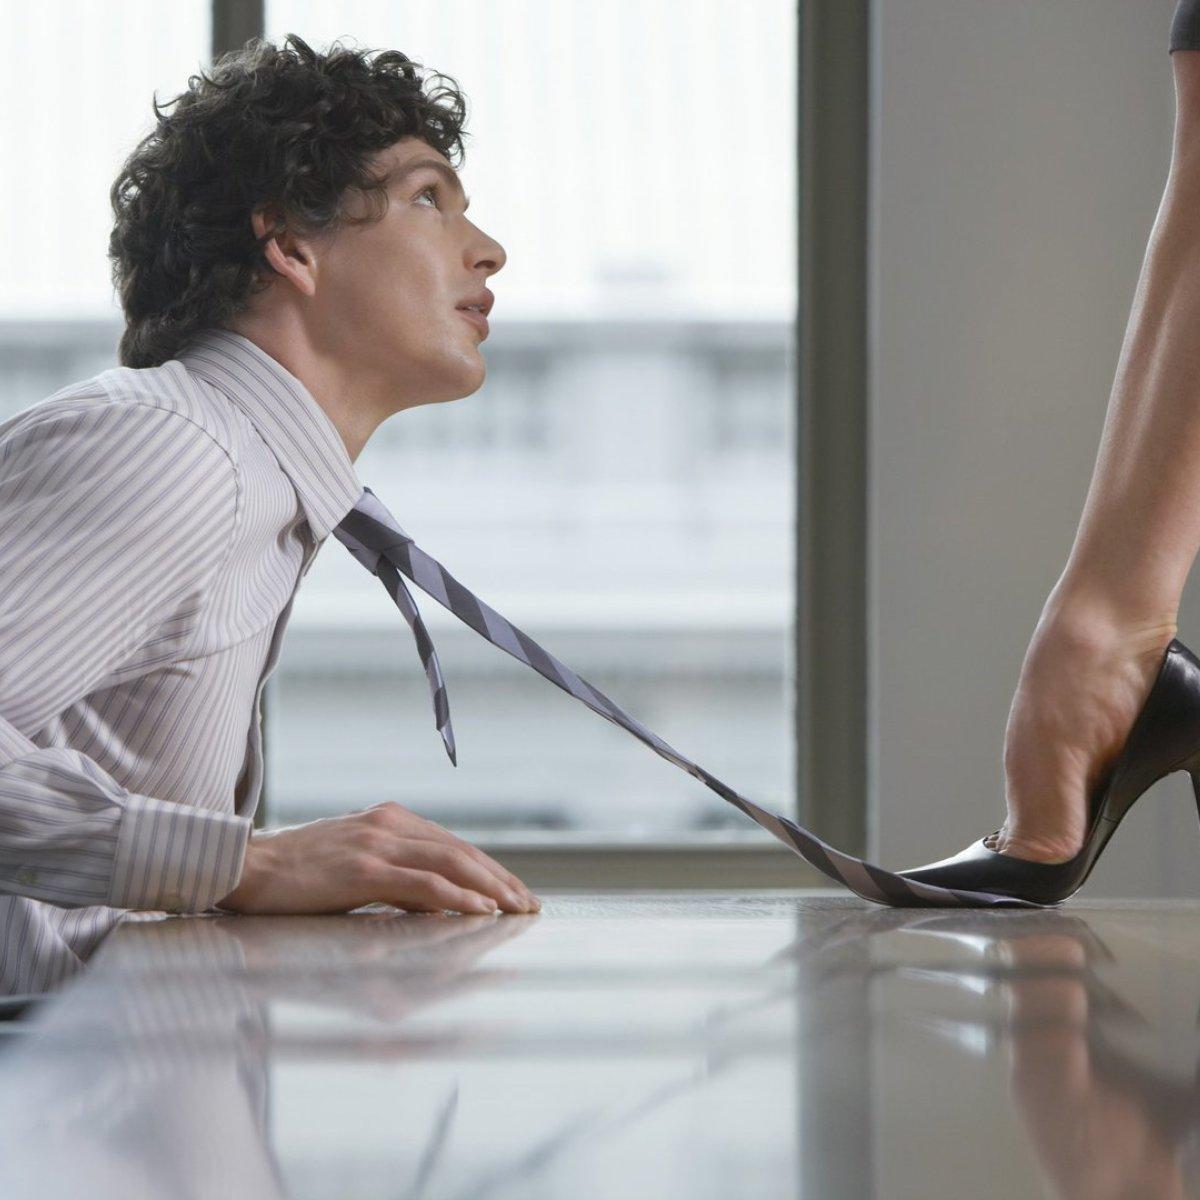 komplimentas moteriai vyro erekcija nario dydis 135 cm